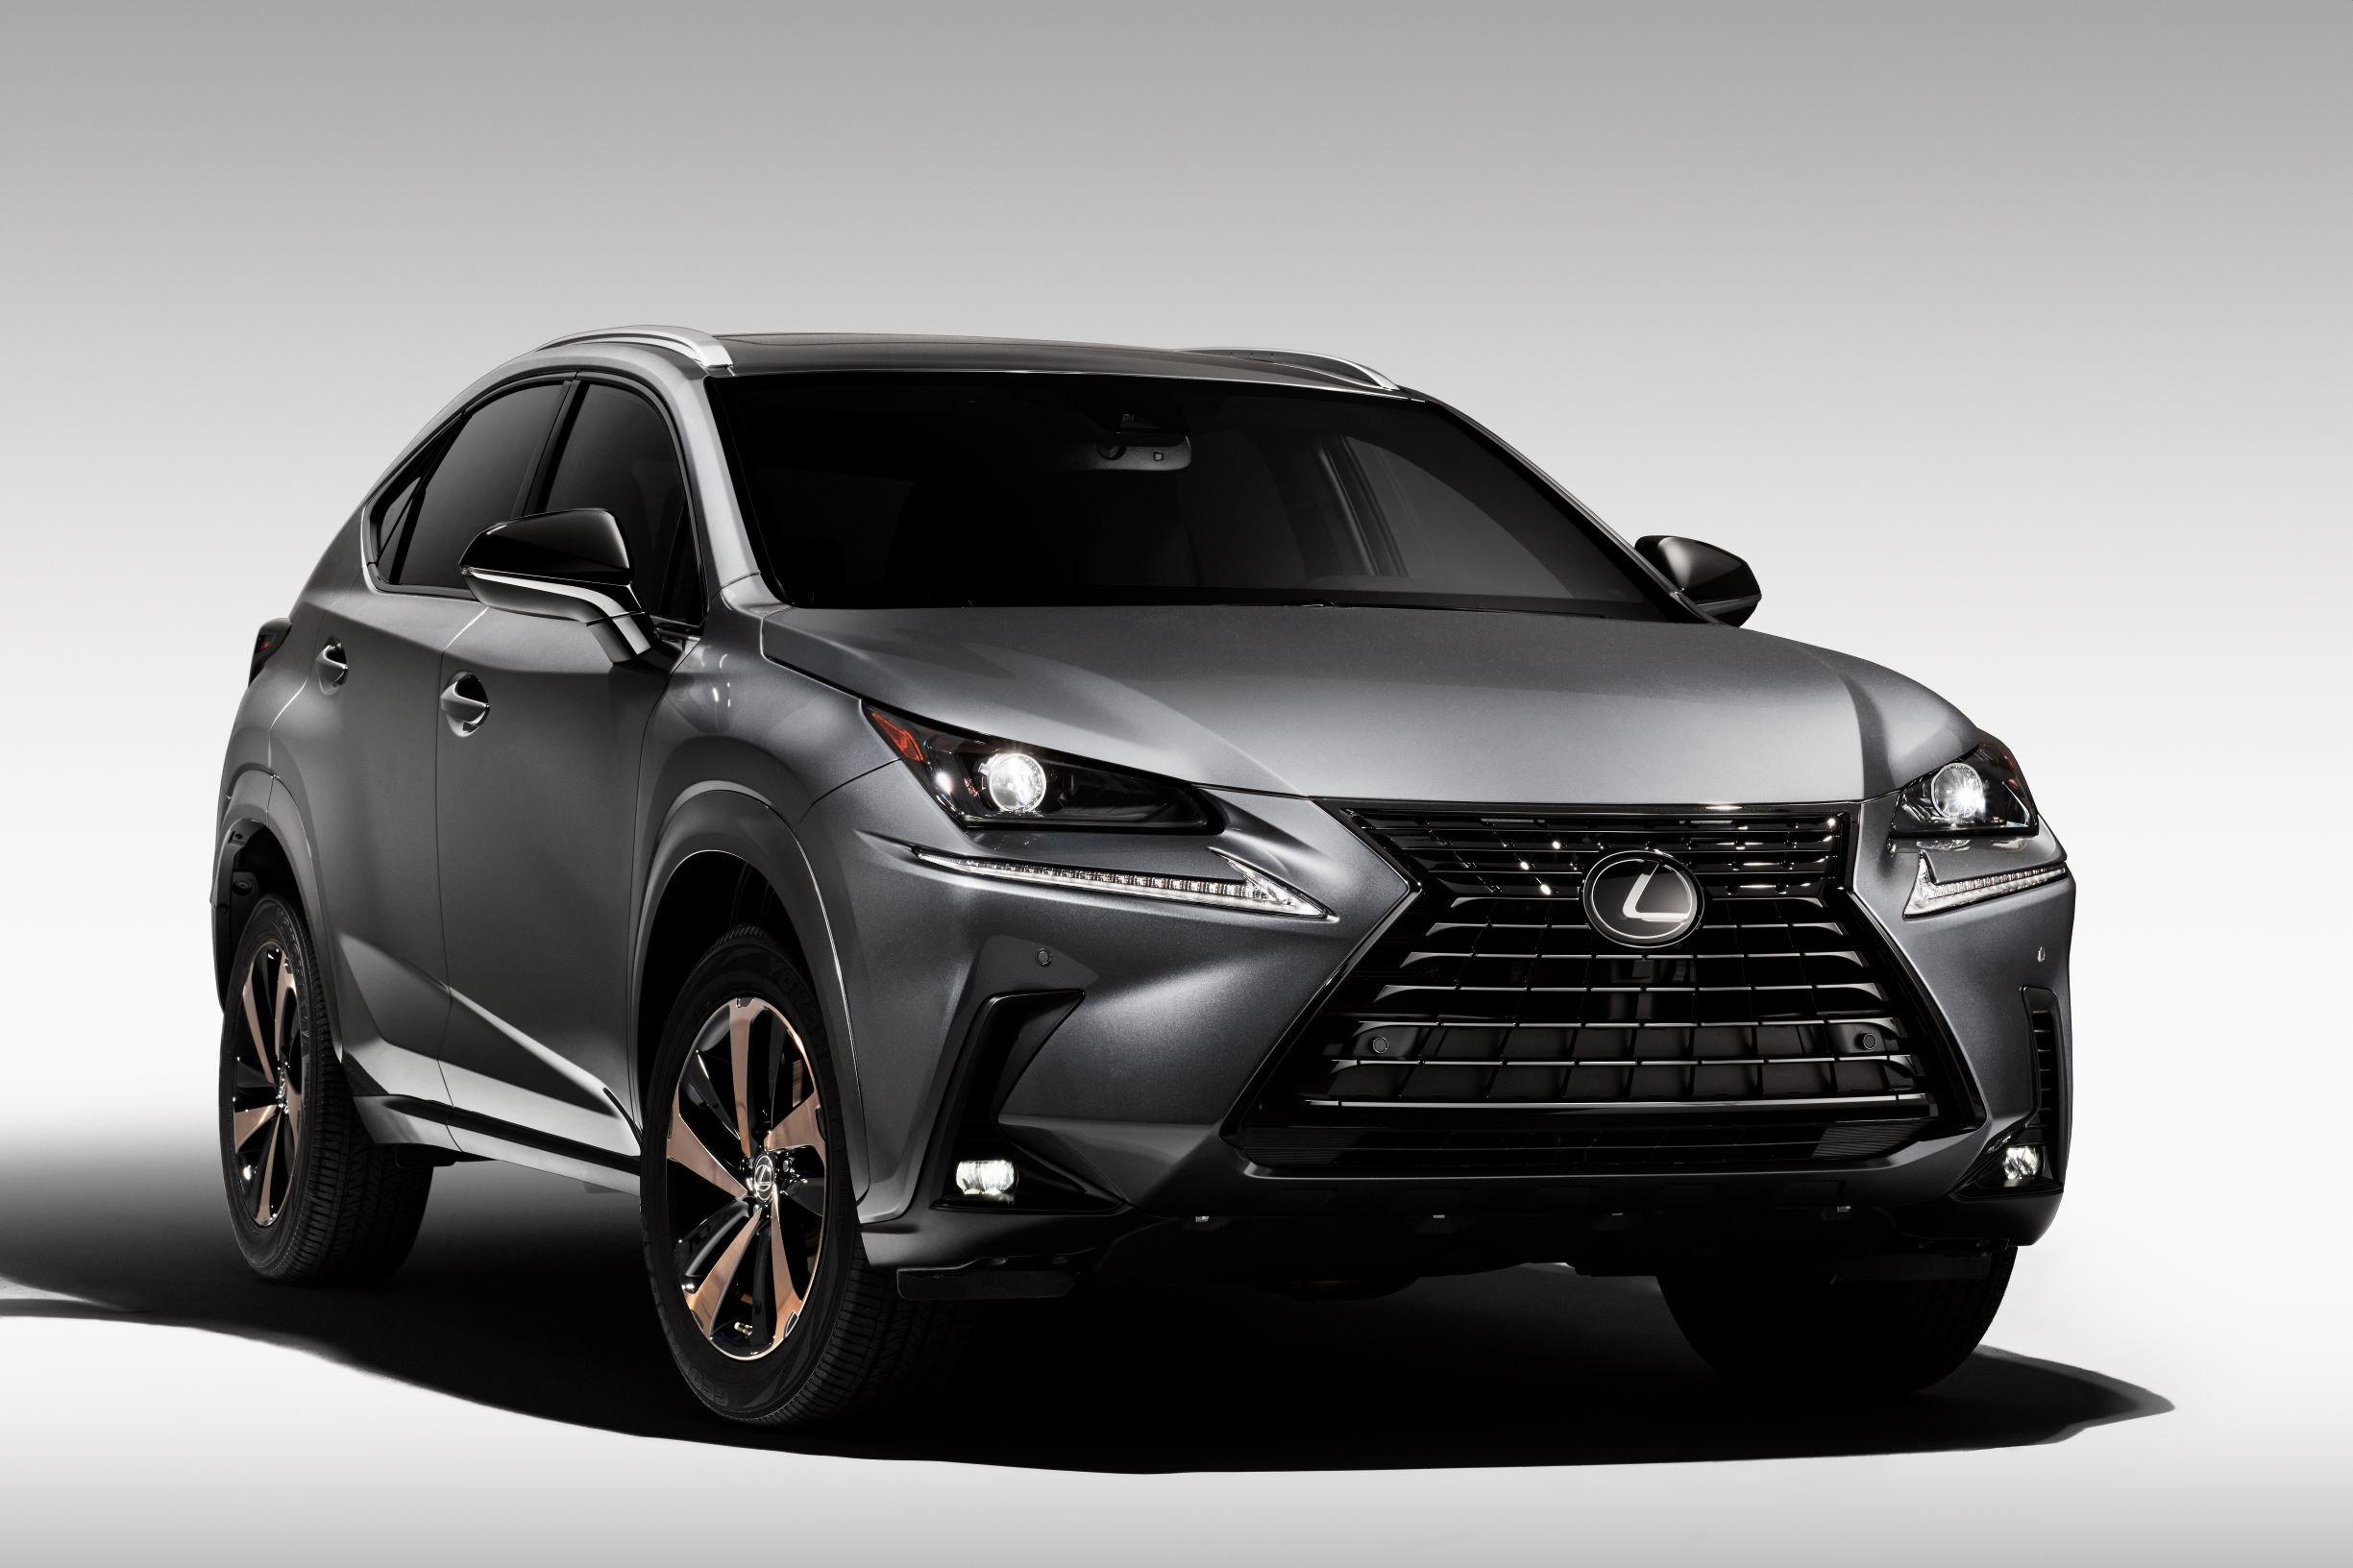 2020 Lexus Nx Rumors